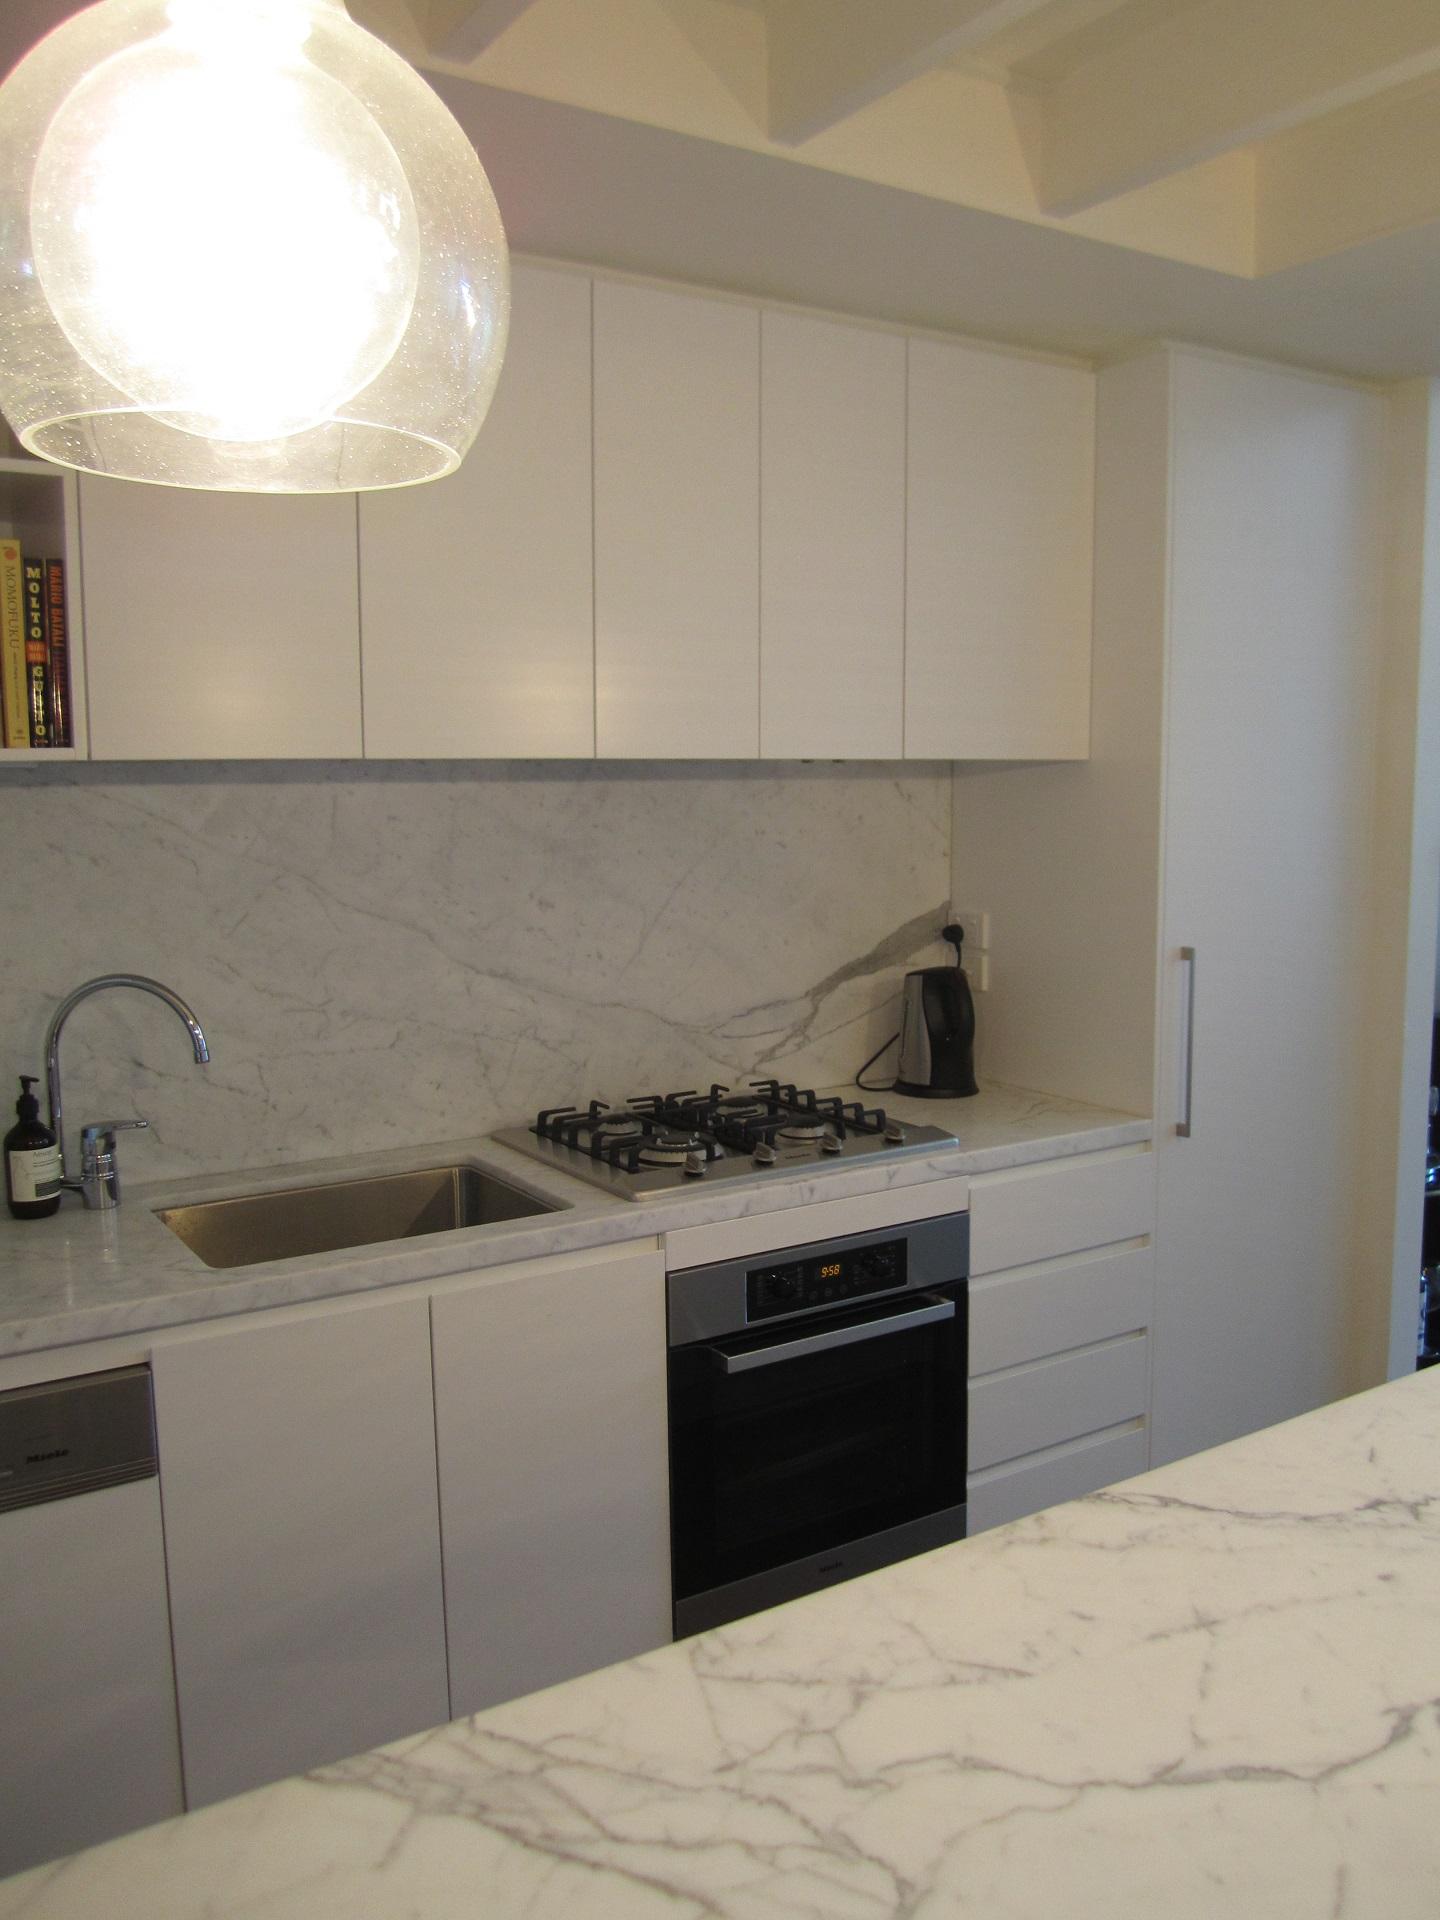 teneriffe-contemporary-kitchen-brisbane-kitchen-design-6